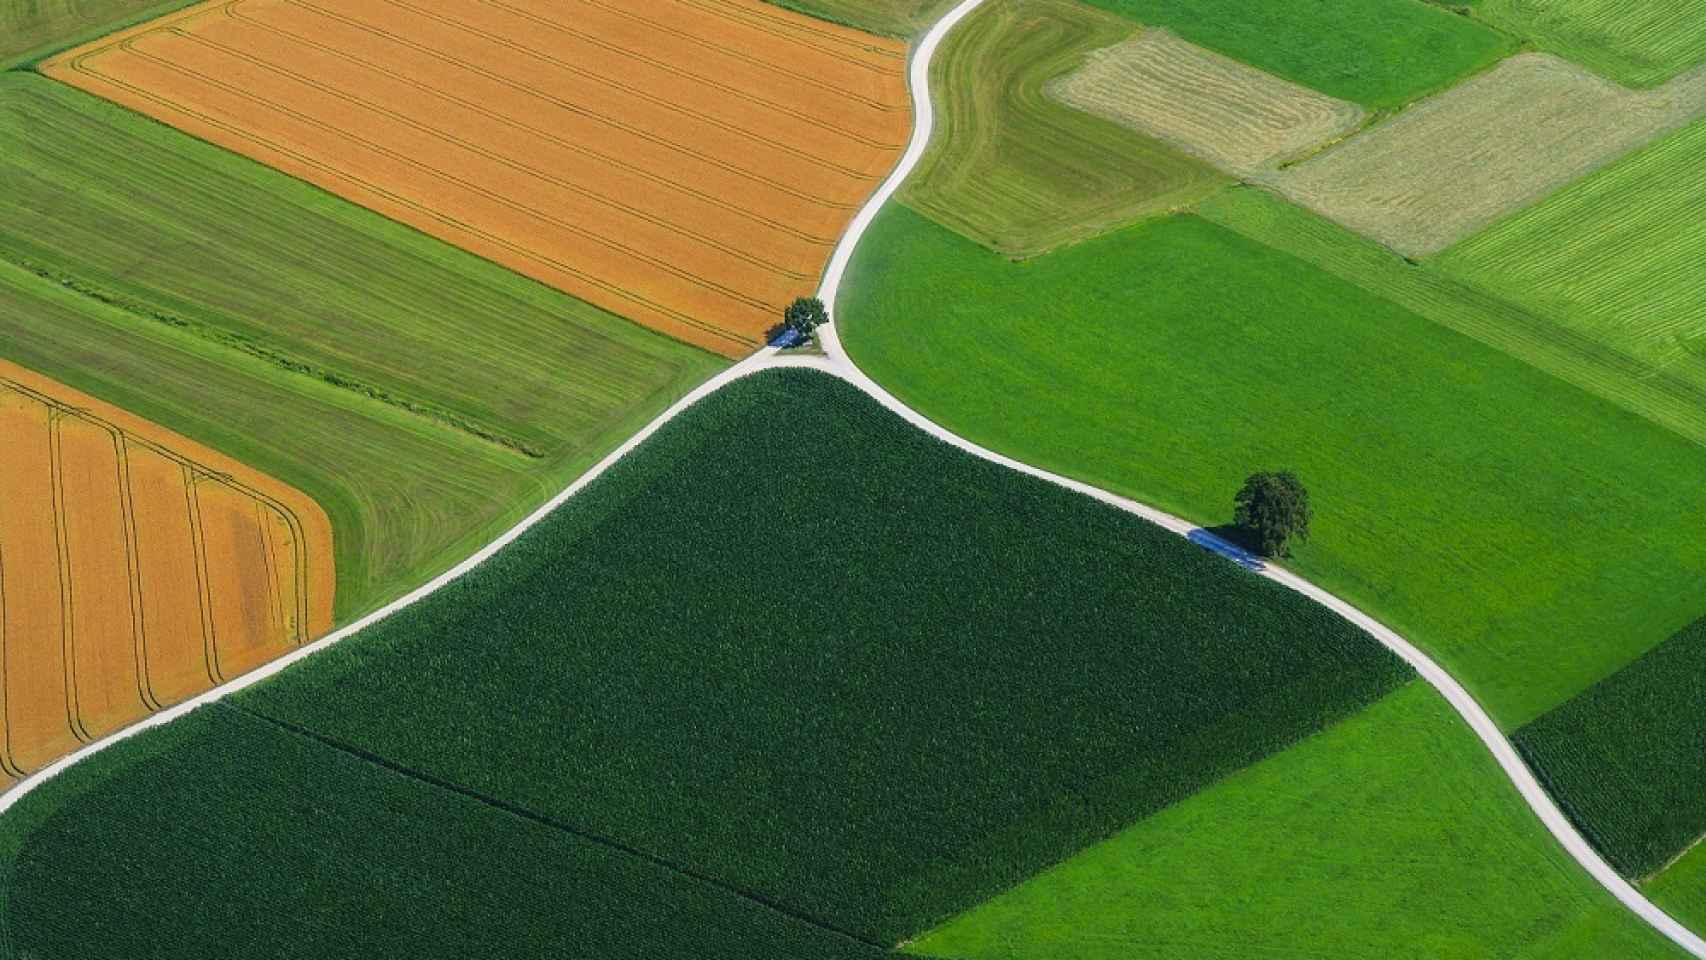 La Unión Europea usará satélites para evitar fraudes en la agricultura con la PAC